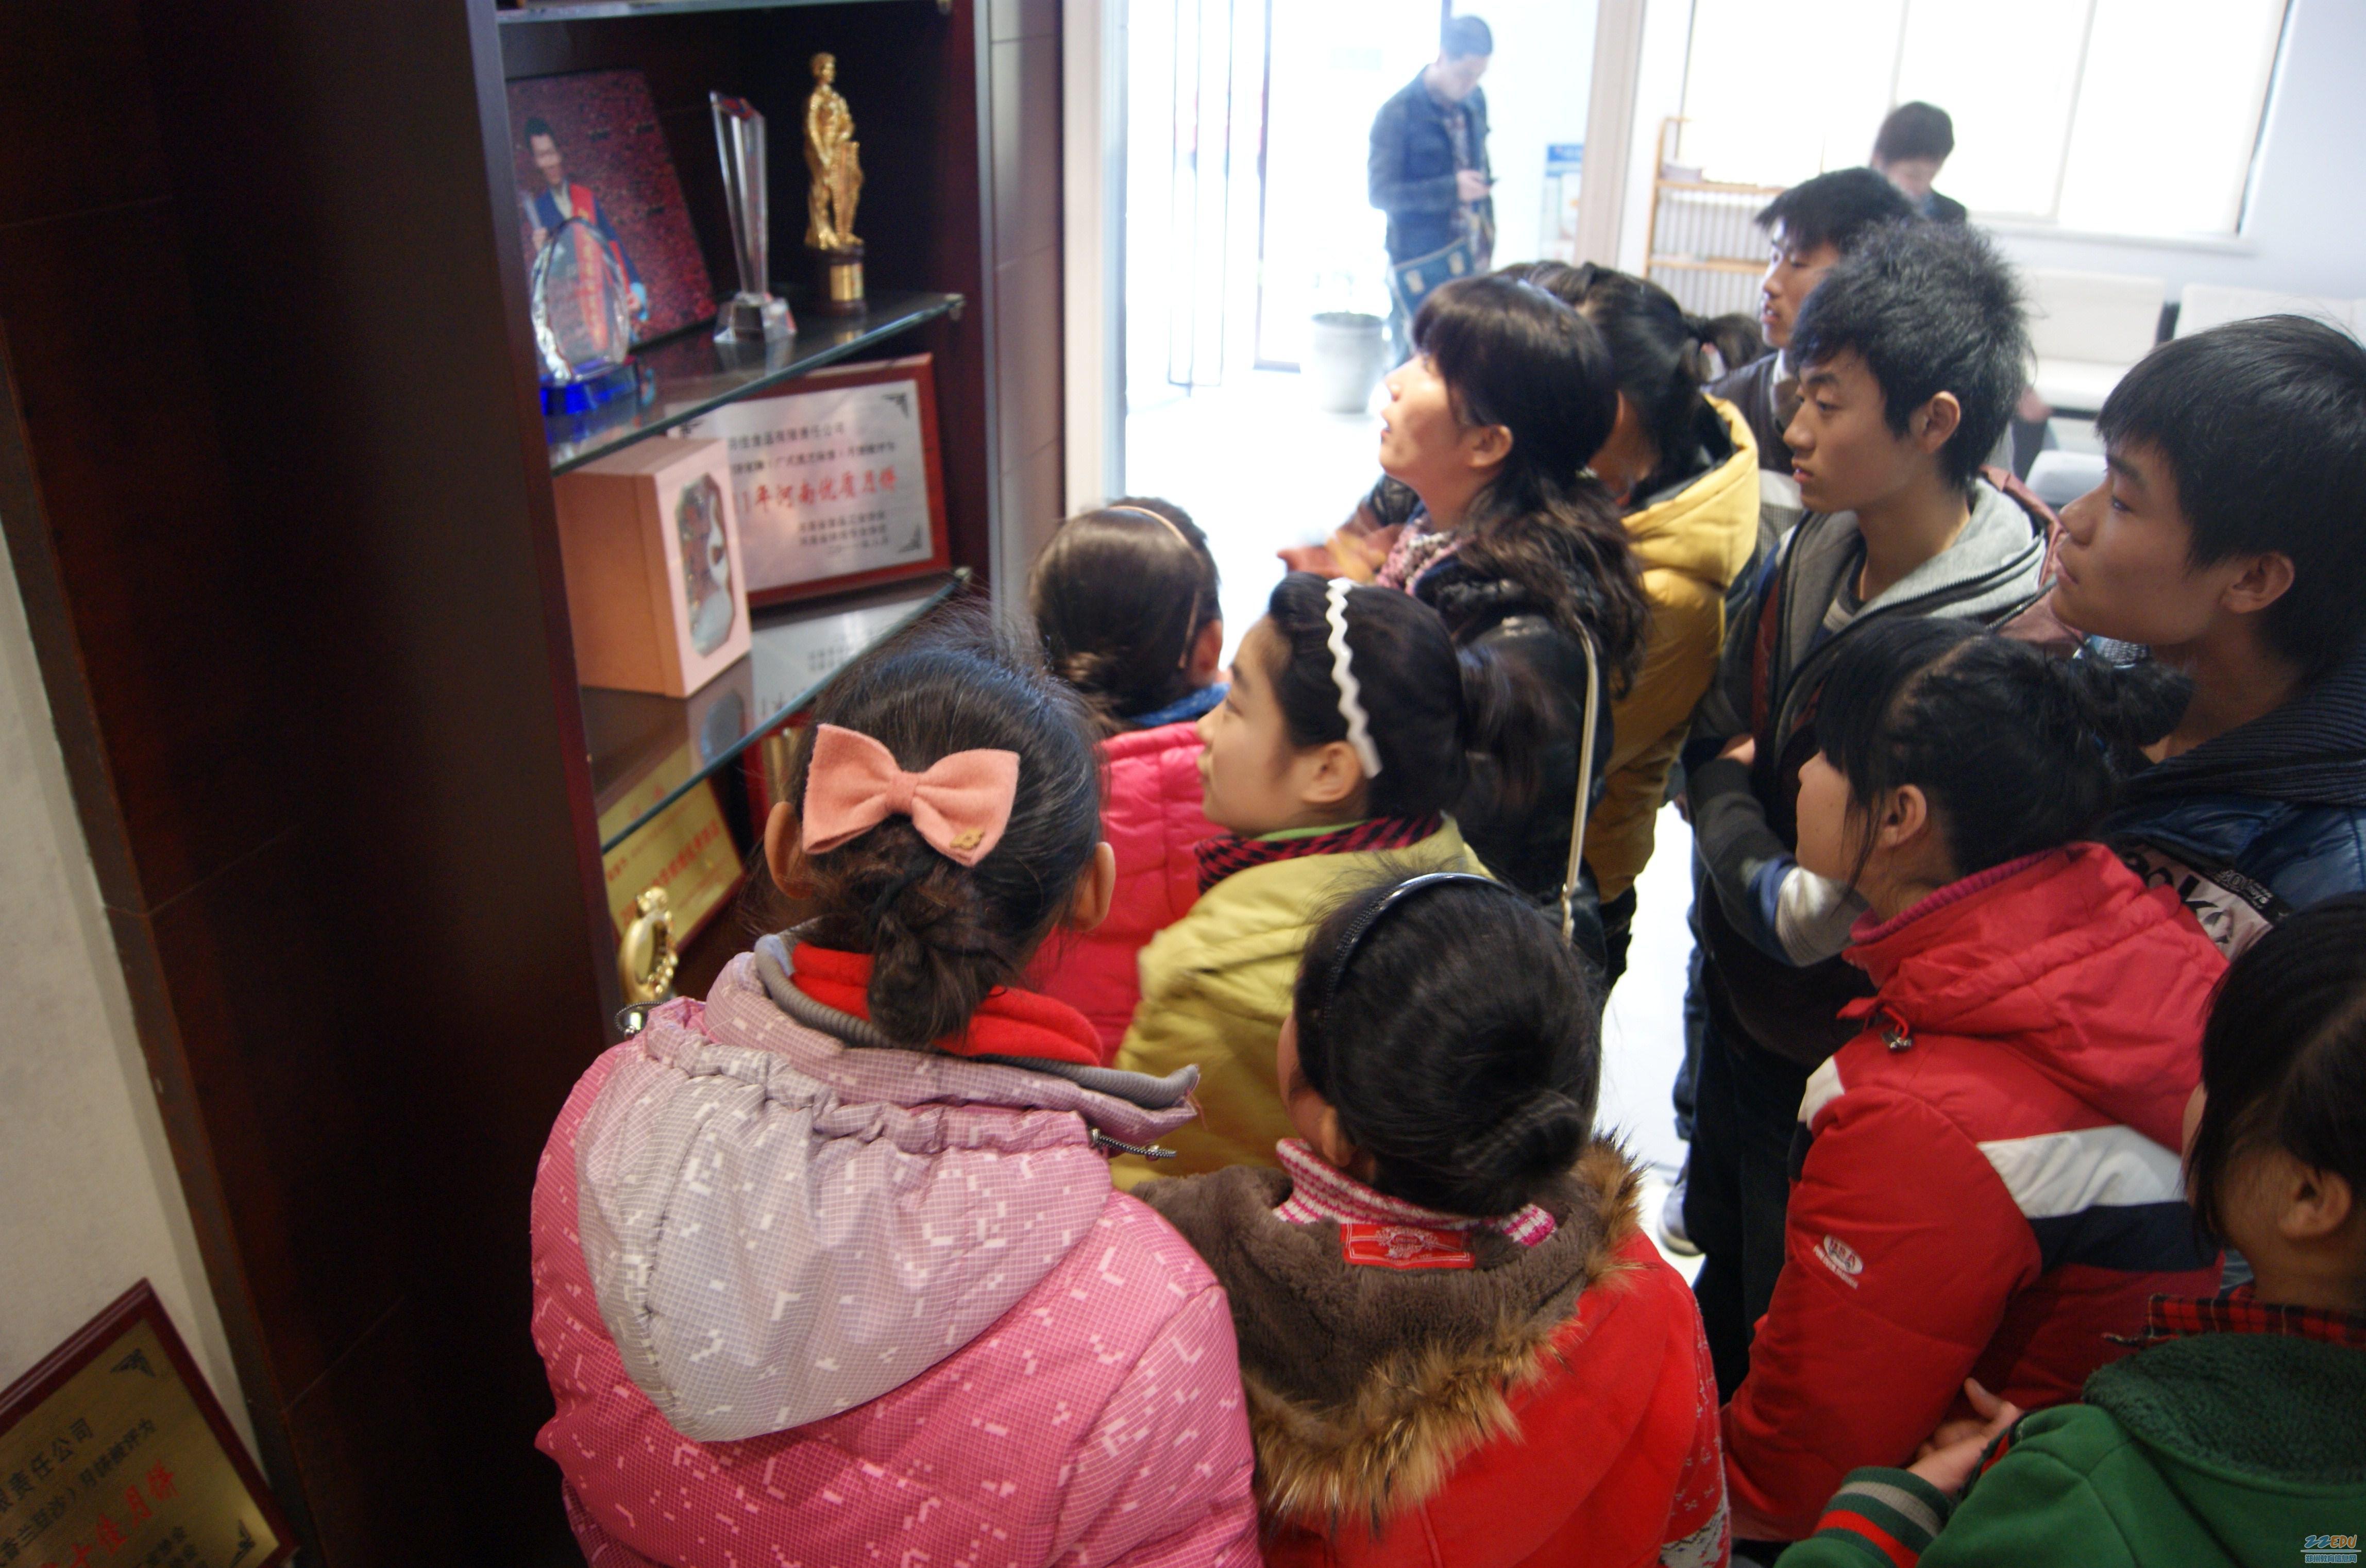 郑州盲聋哑学校师生参观金门饼家荣誉展览室 高清图片